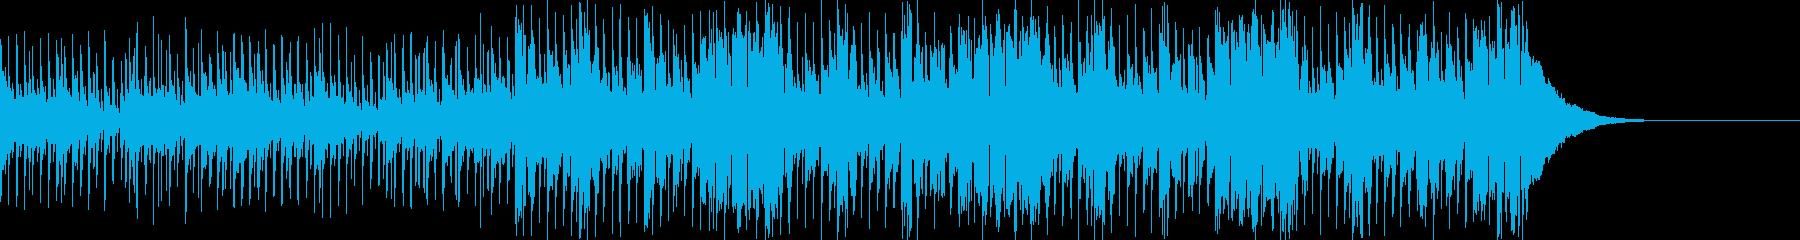 Pf「新鋭」和風現代ジャズの再生済みの波形